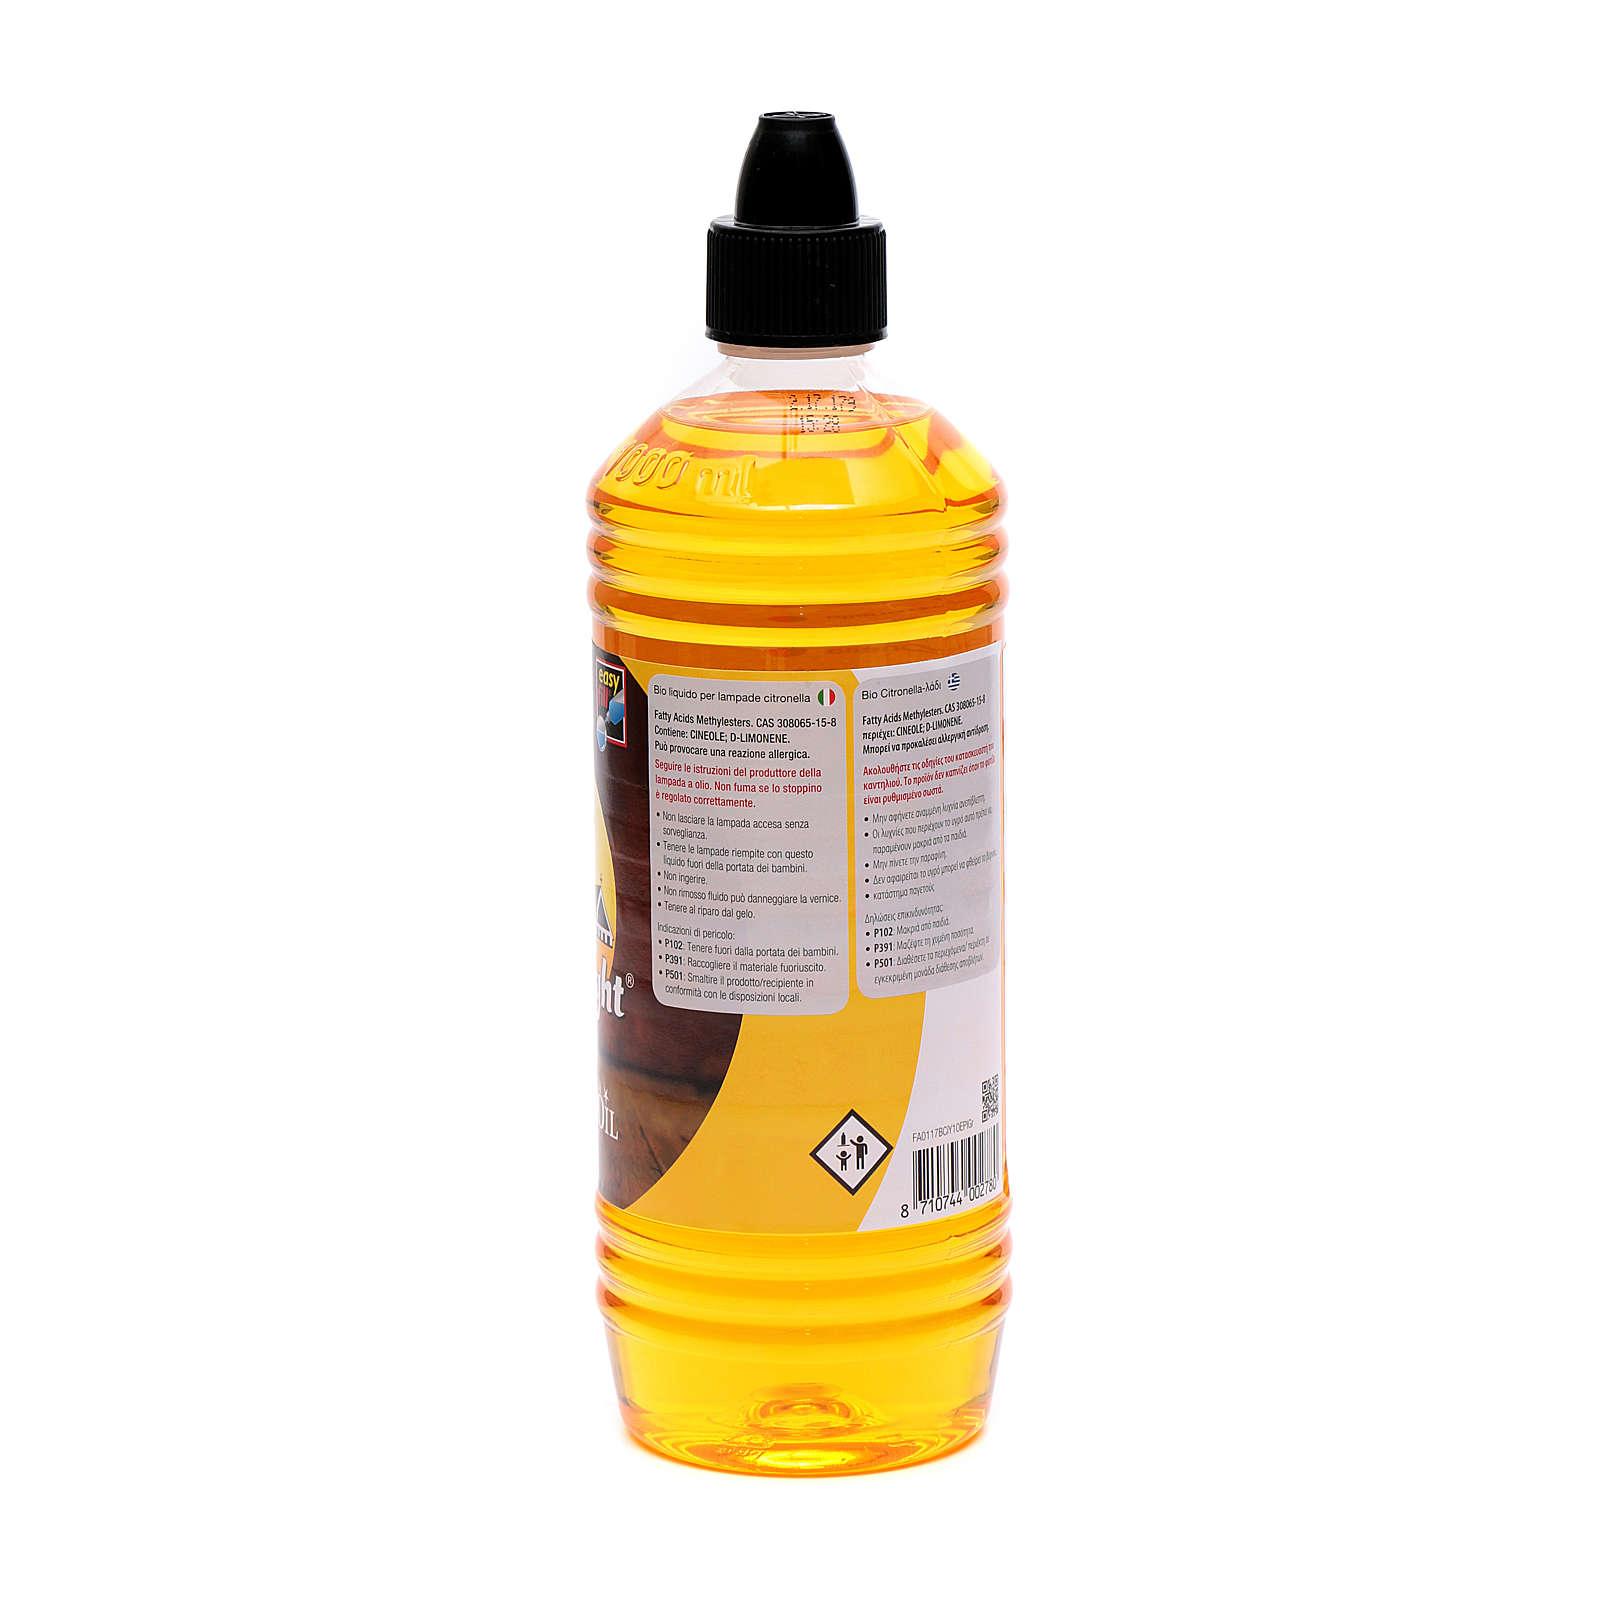 Huile végétale, 1 litre, Citrolamp 3